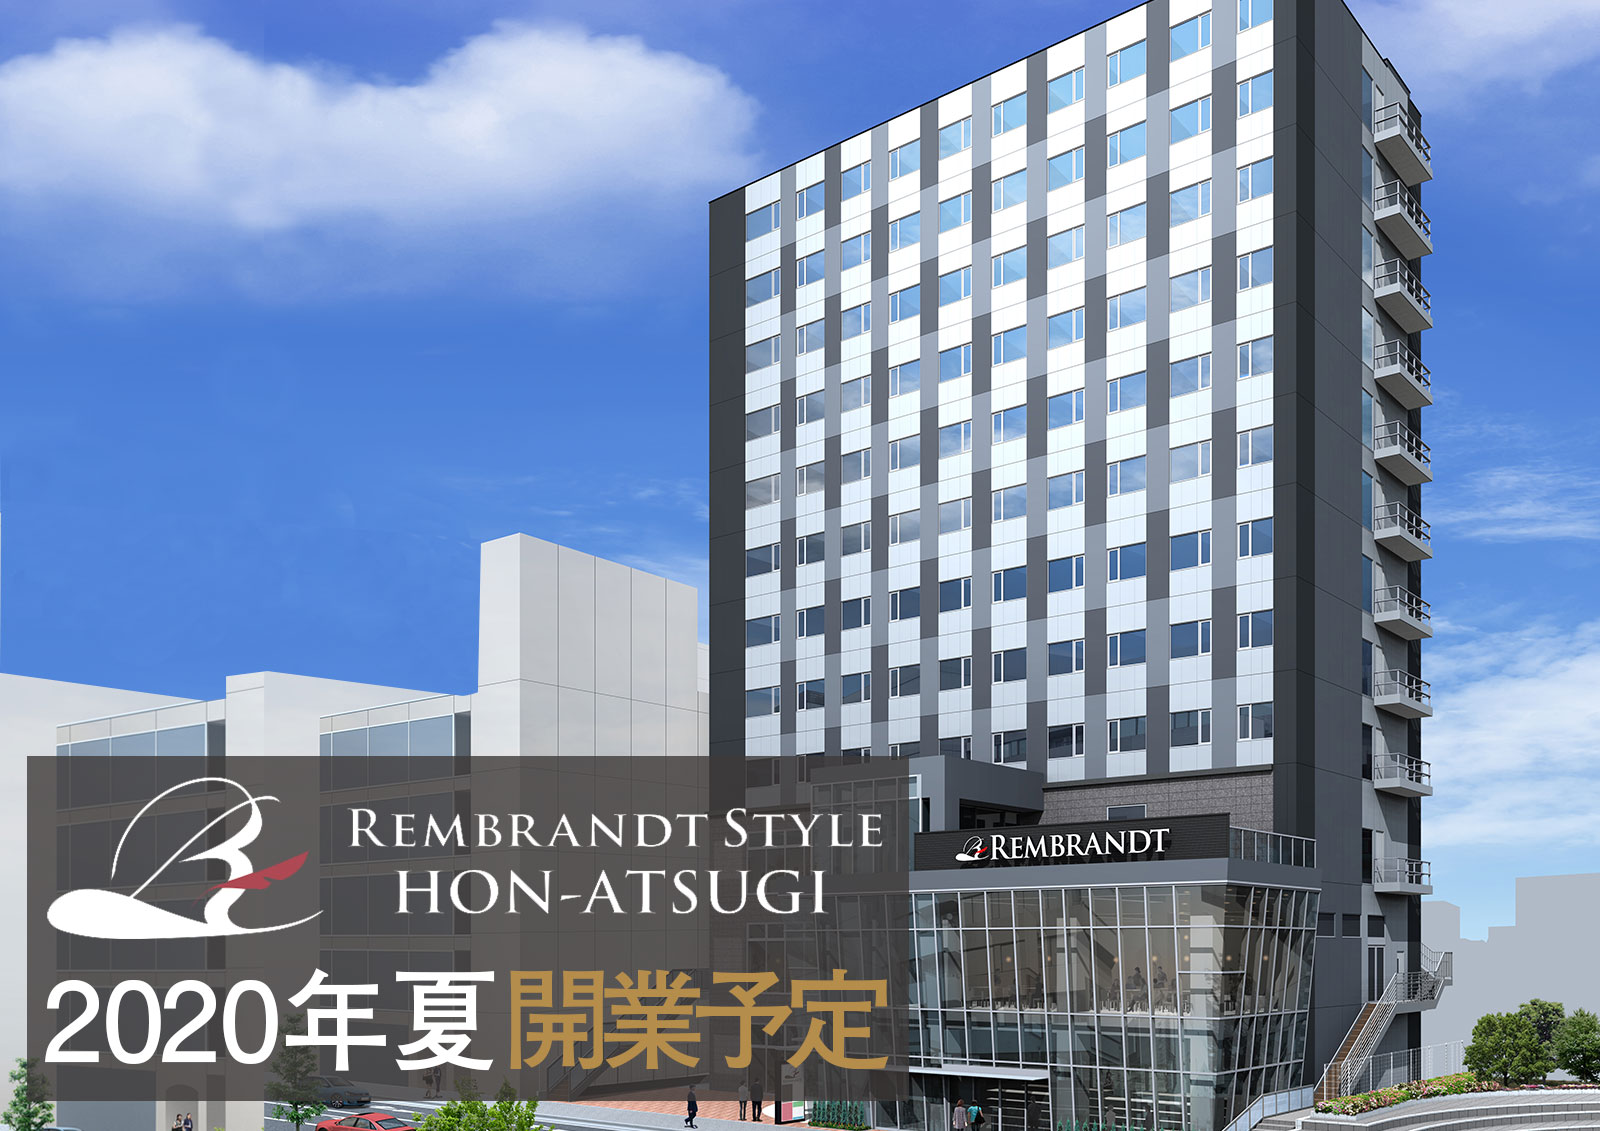 本厚木 外観【公式】レンブラントスタイル本厚木  レンブラントグループホテル